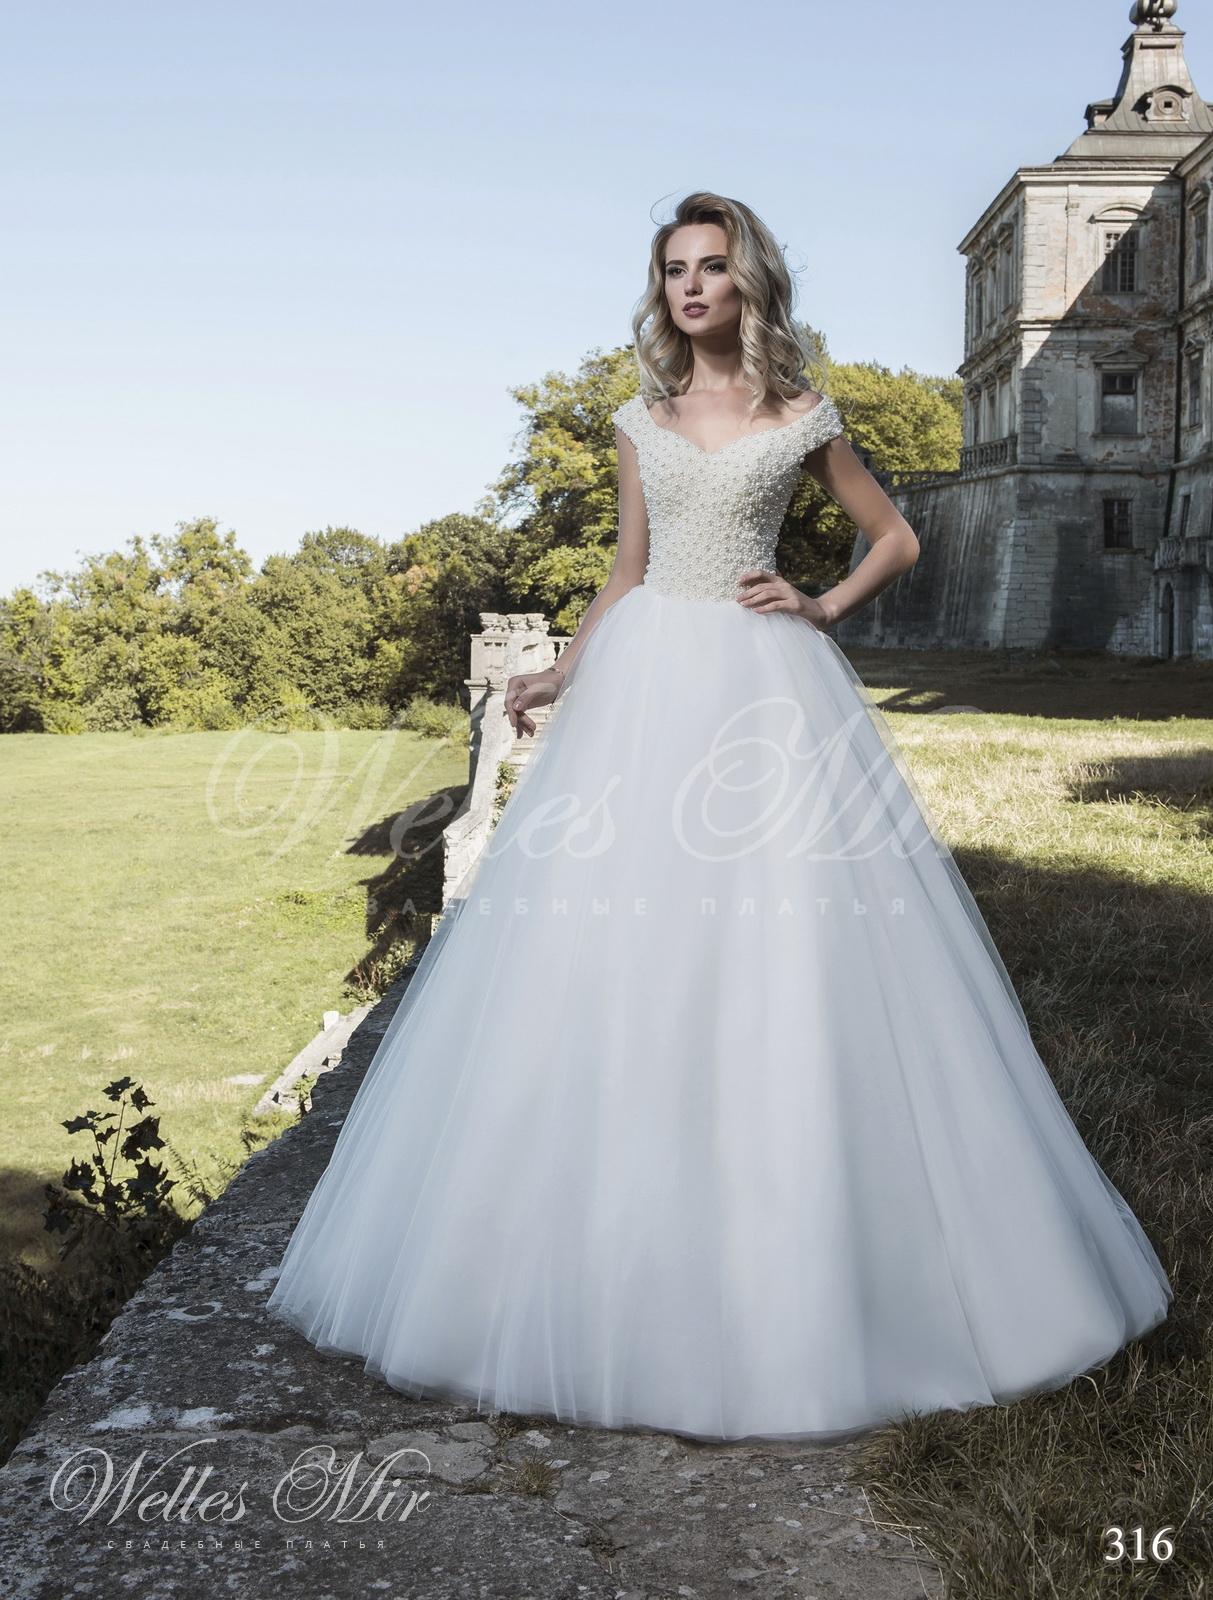 Свадебные платья Exquisite Collection - 316